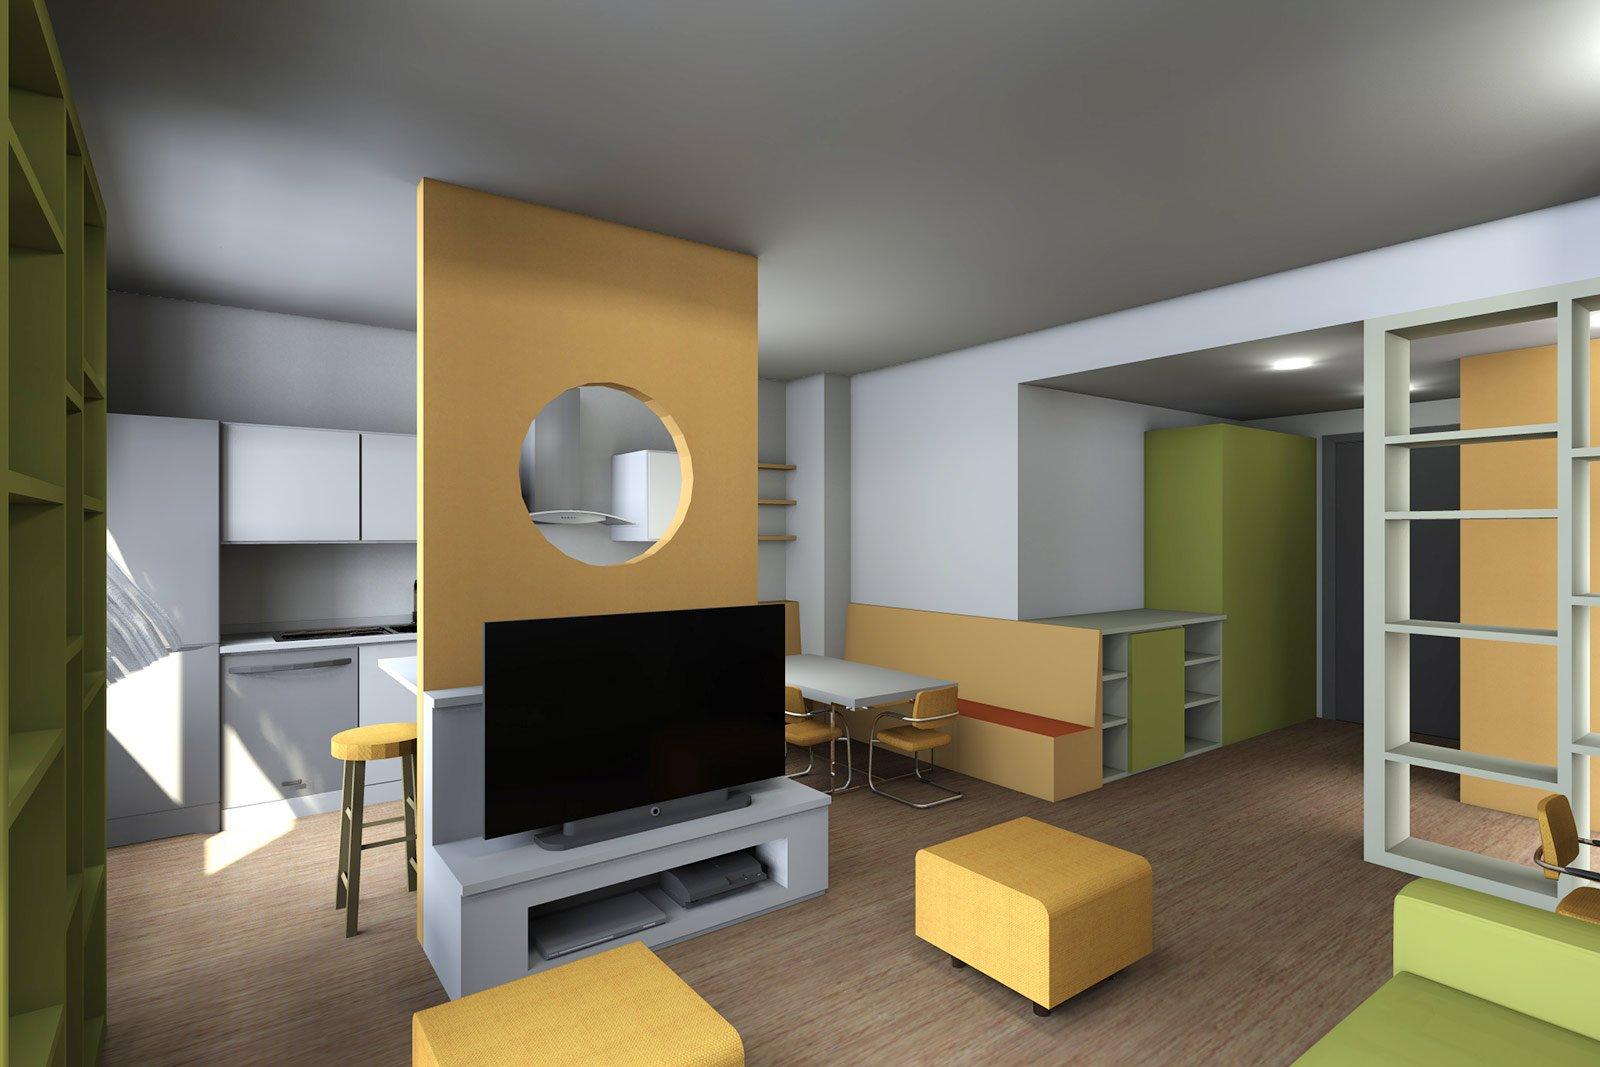 Soggiorno Con Cucina A Vista. Pianta E Prospetto In 3D Cose Di Casa #9D842E 1600 1067 Come Arredare Cucina Soggiorno Di 20 Mq